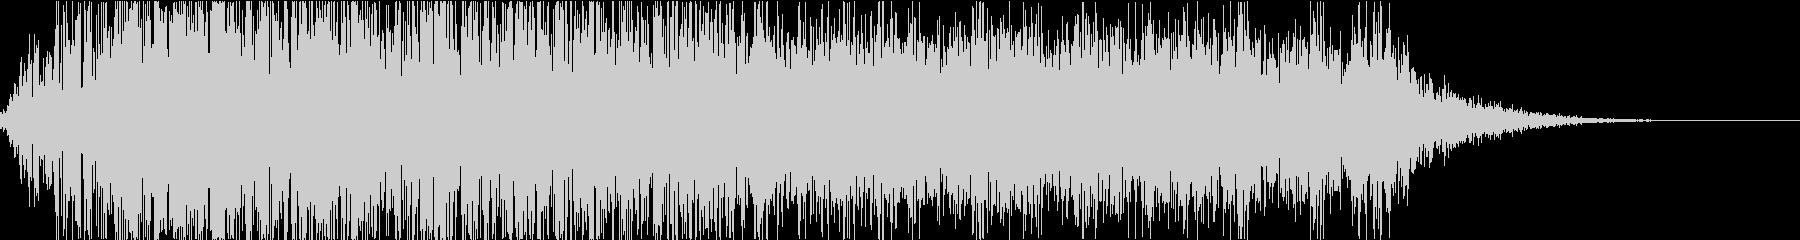 怪物・モンスターの鳴き声・ゲーム・映画gの未再生の波形